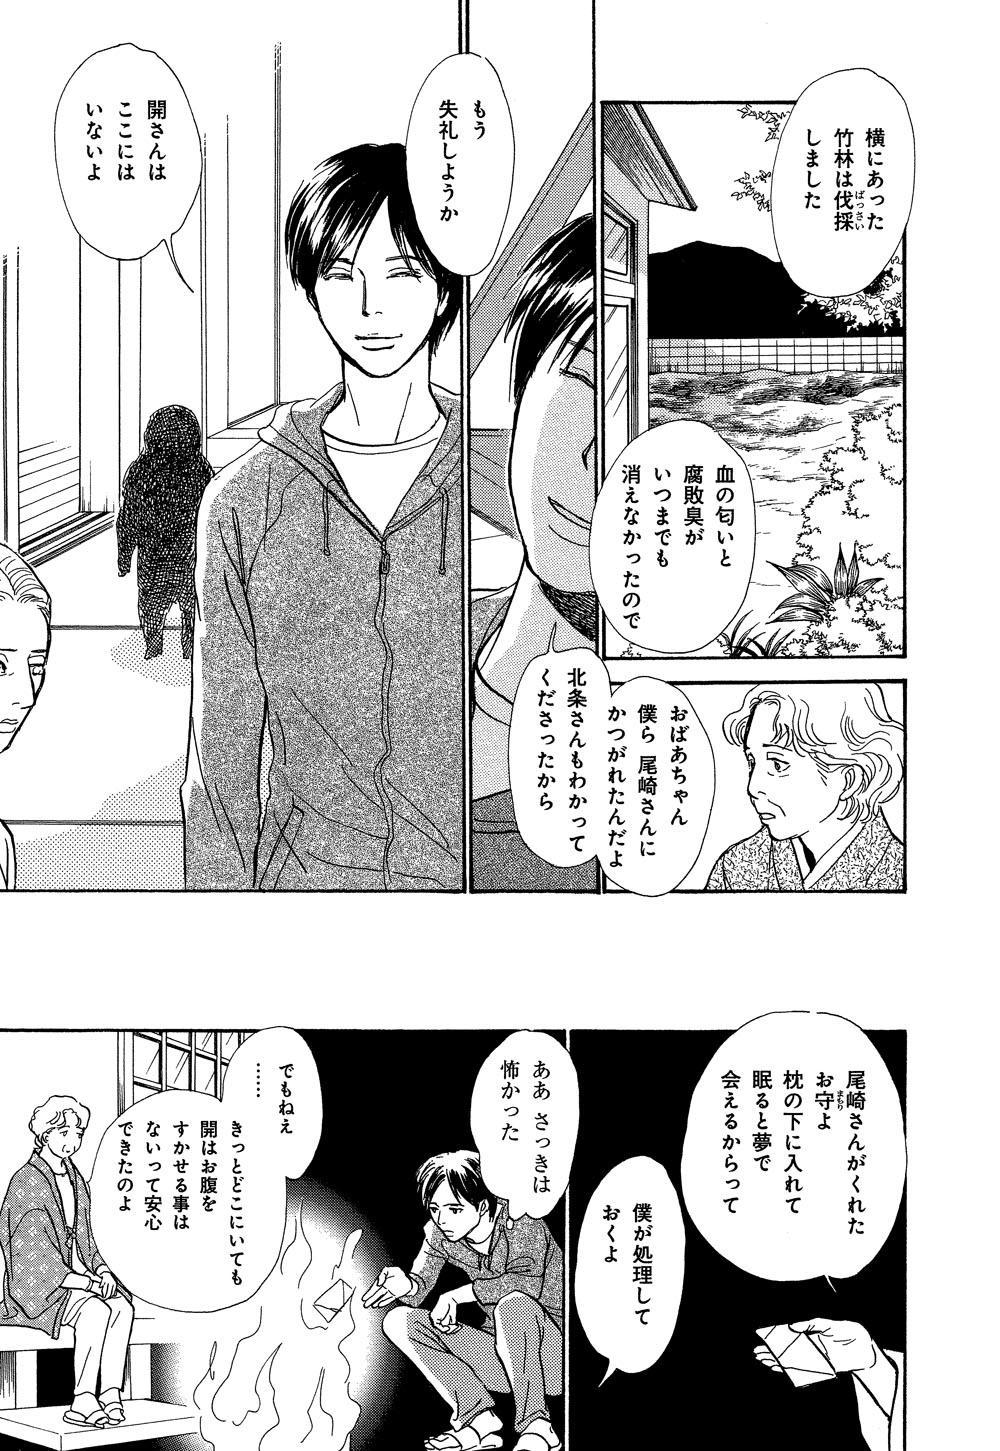 hyakki_0021_0033.jpg